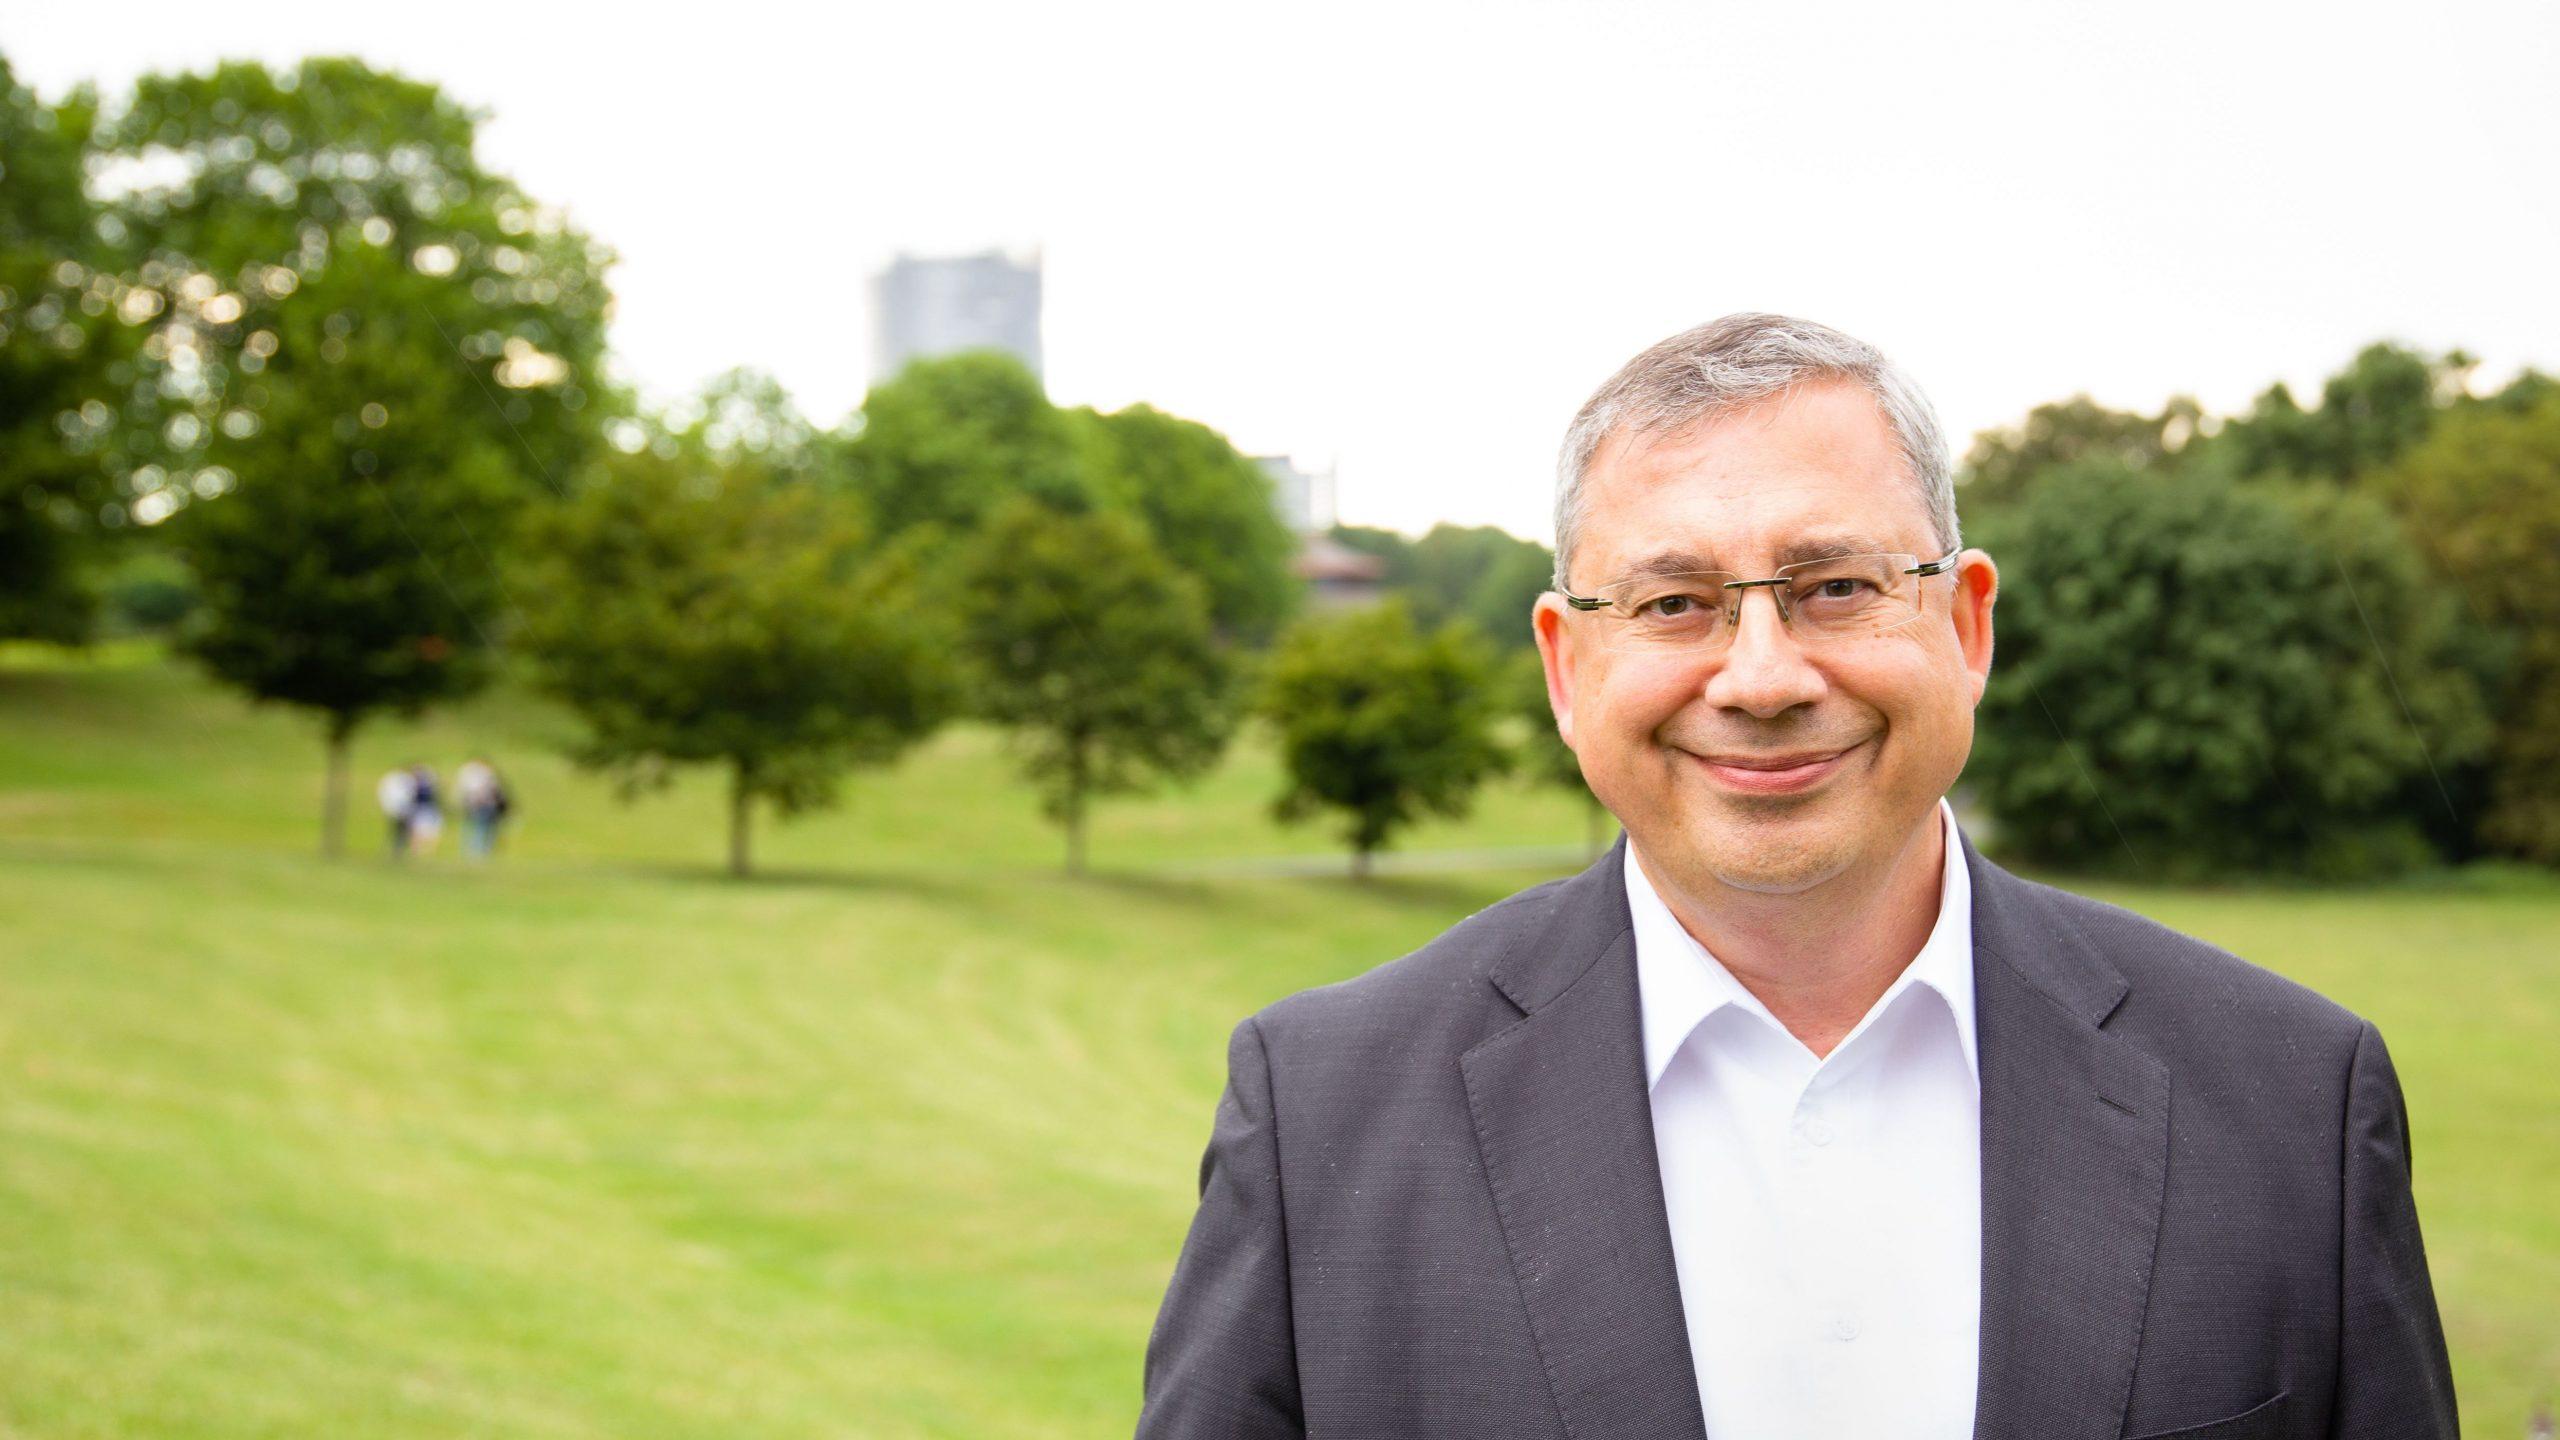 Kommunalwahlen 2020: Interview mit OB-Kandidat Werner Hümmrich (FDP)